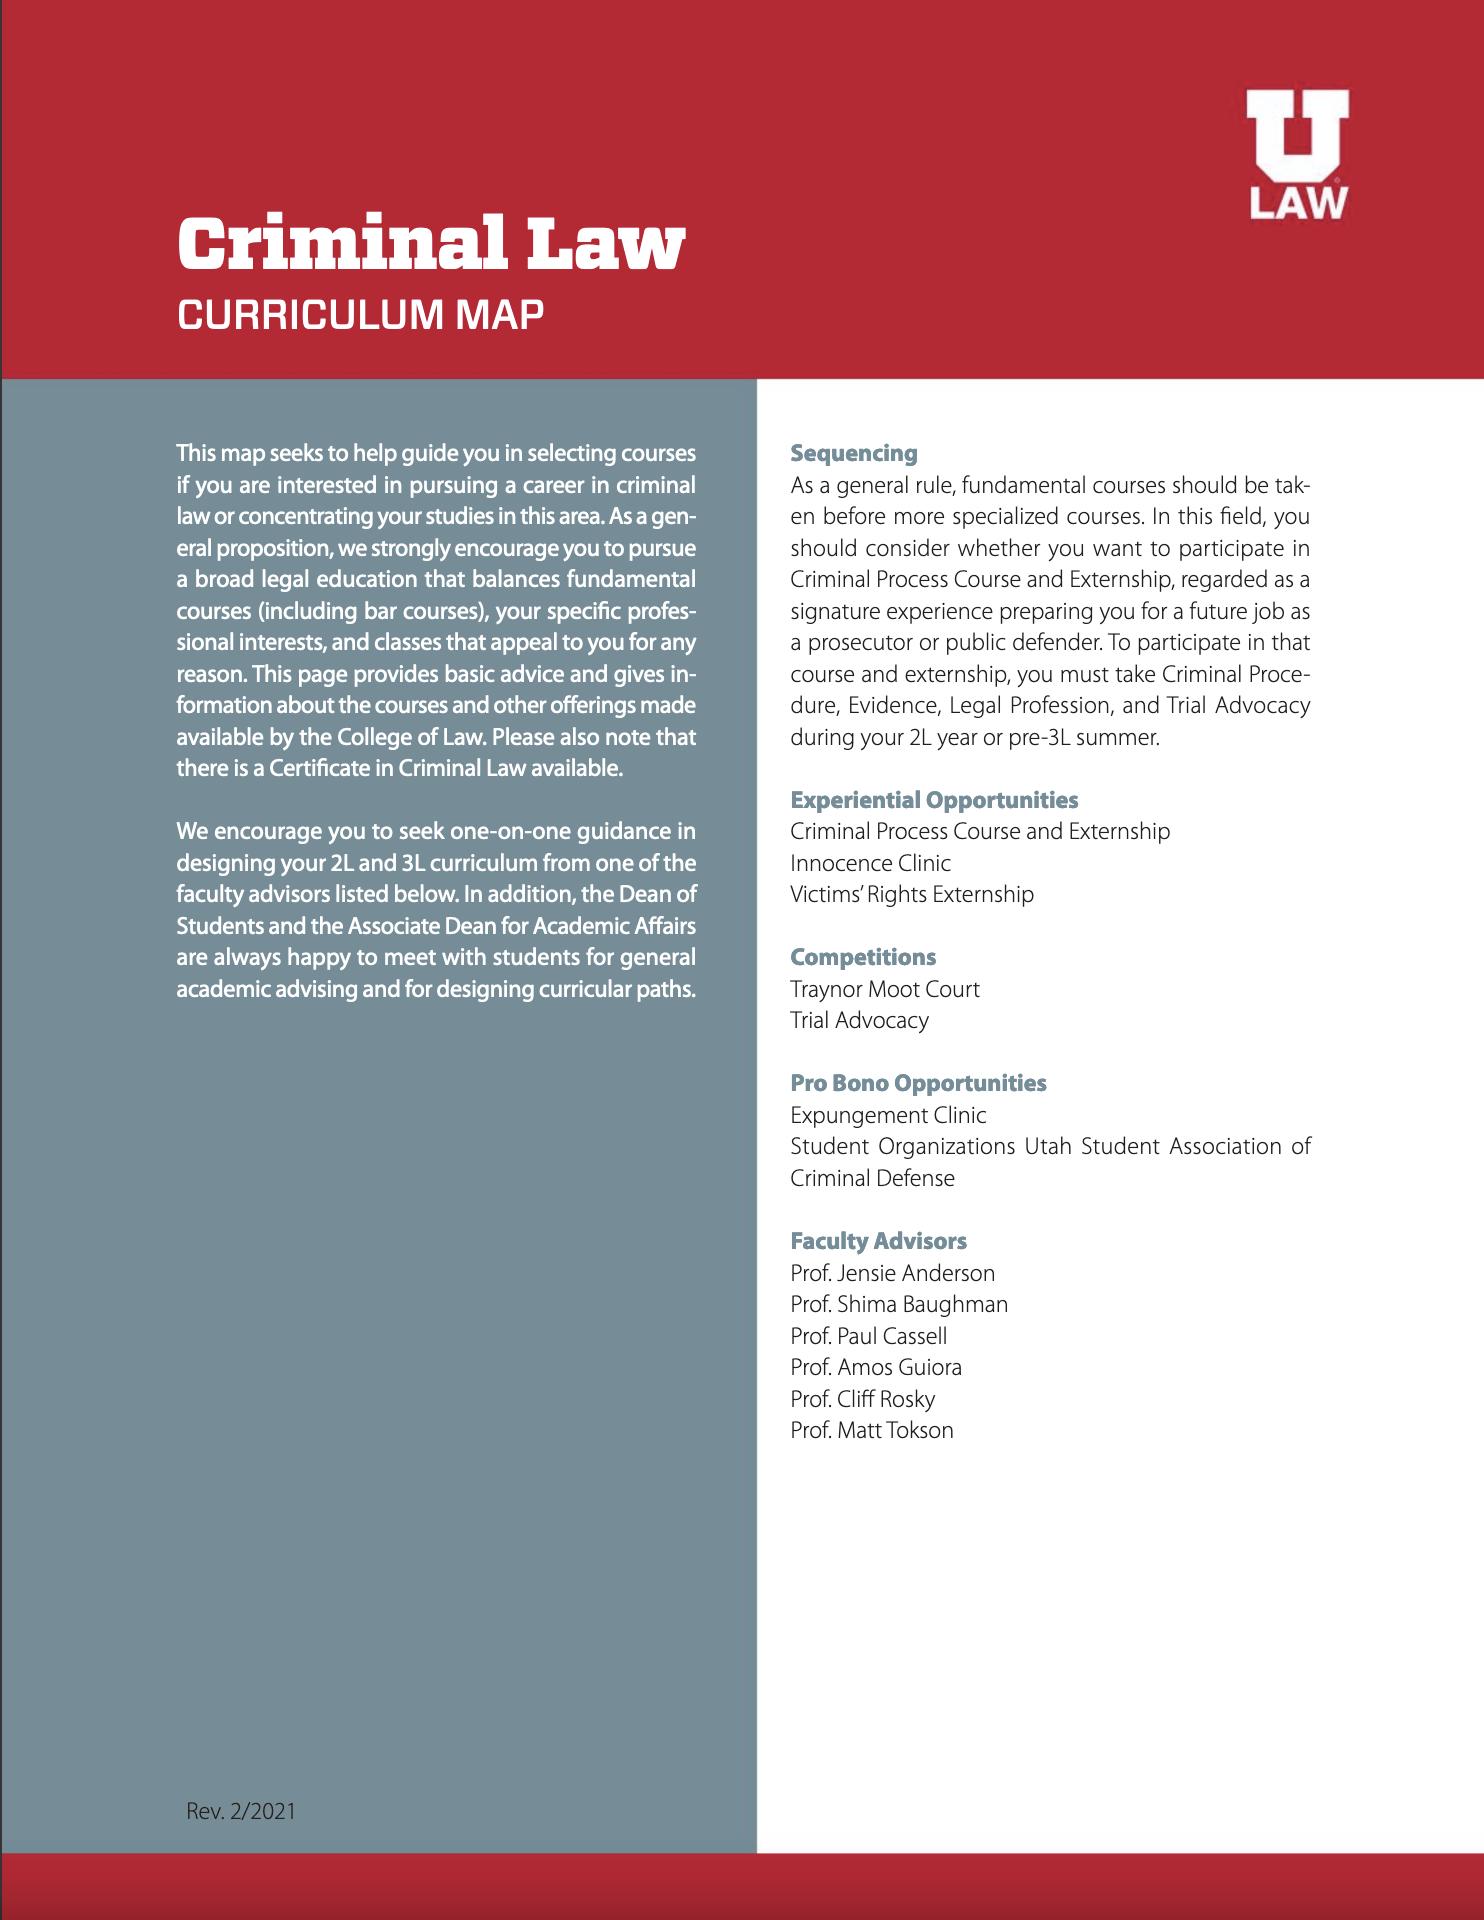 Criminal Law Curriculum Map